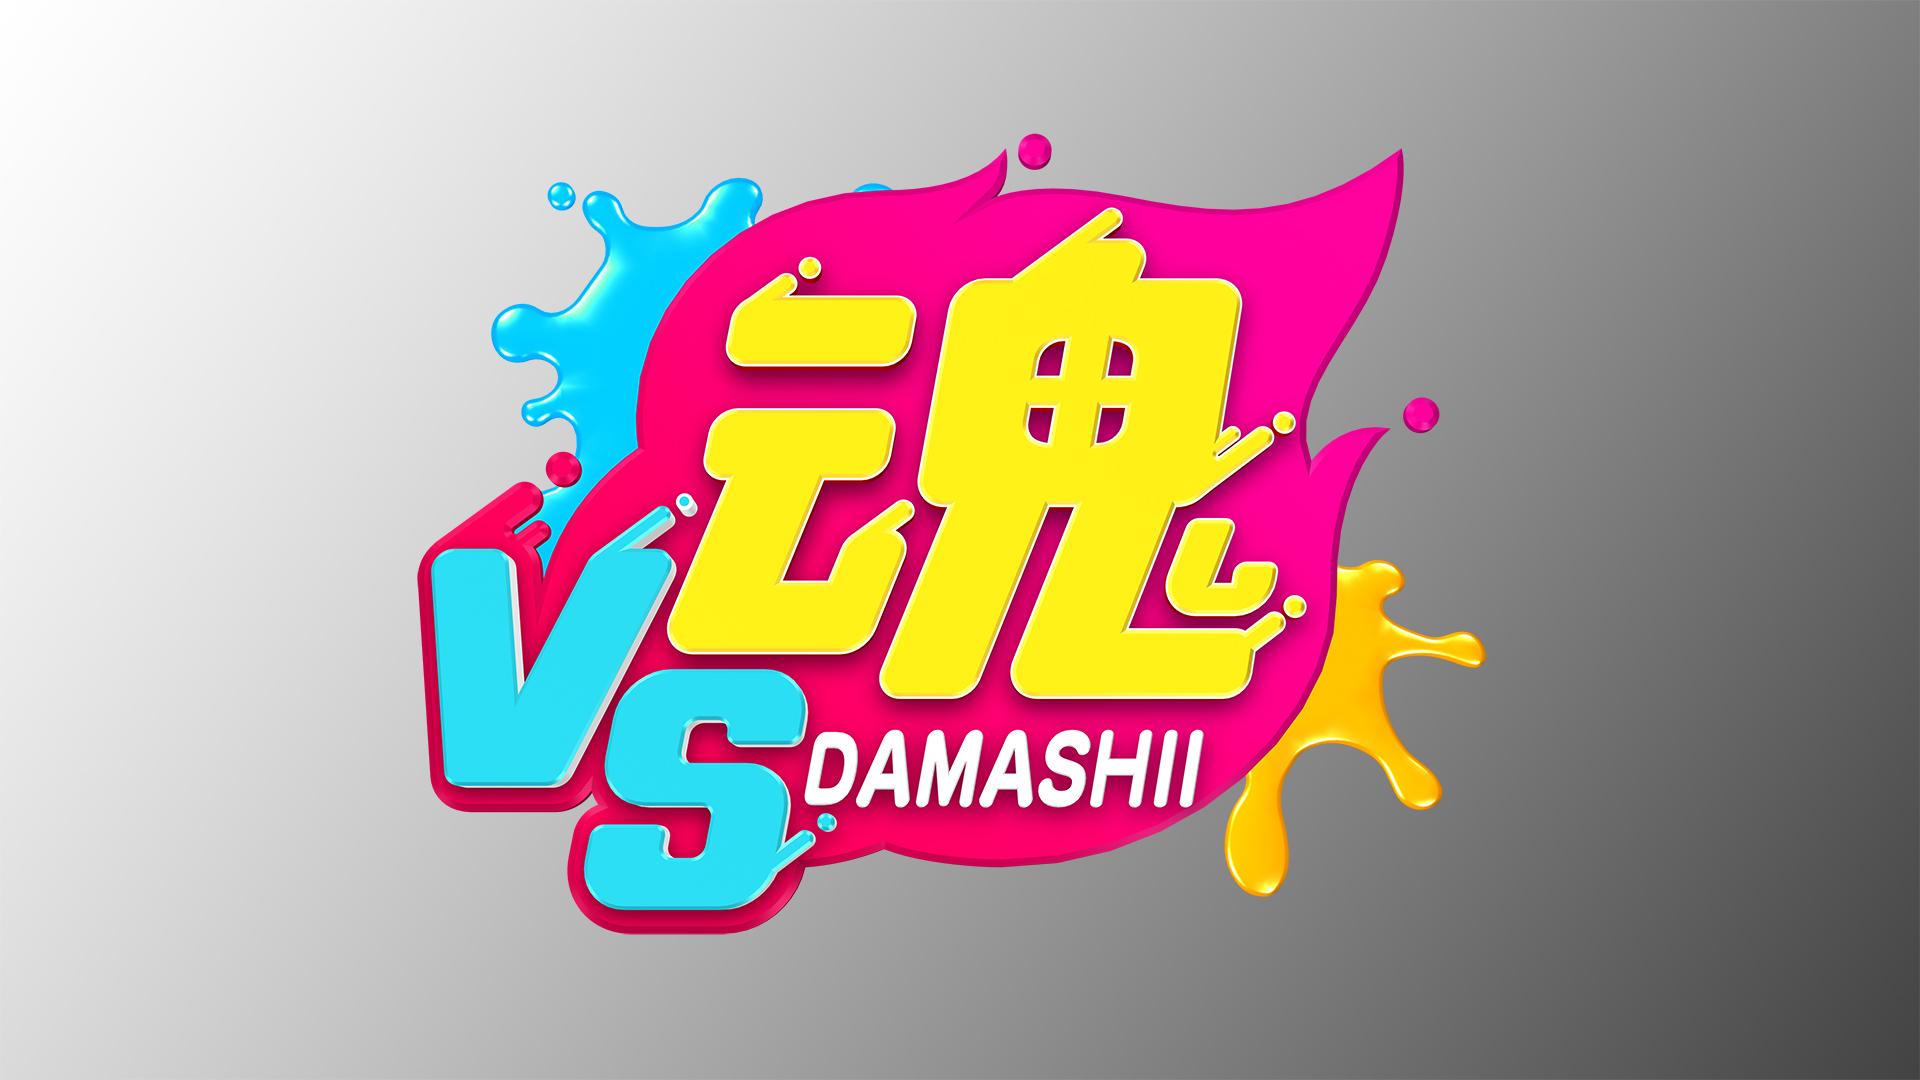 VS DAMASHII – A Full Spirit Game Show